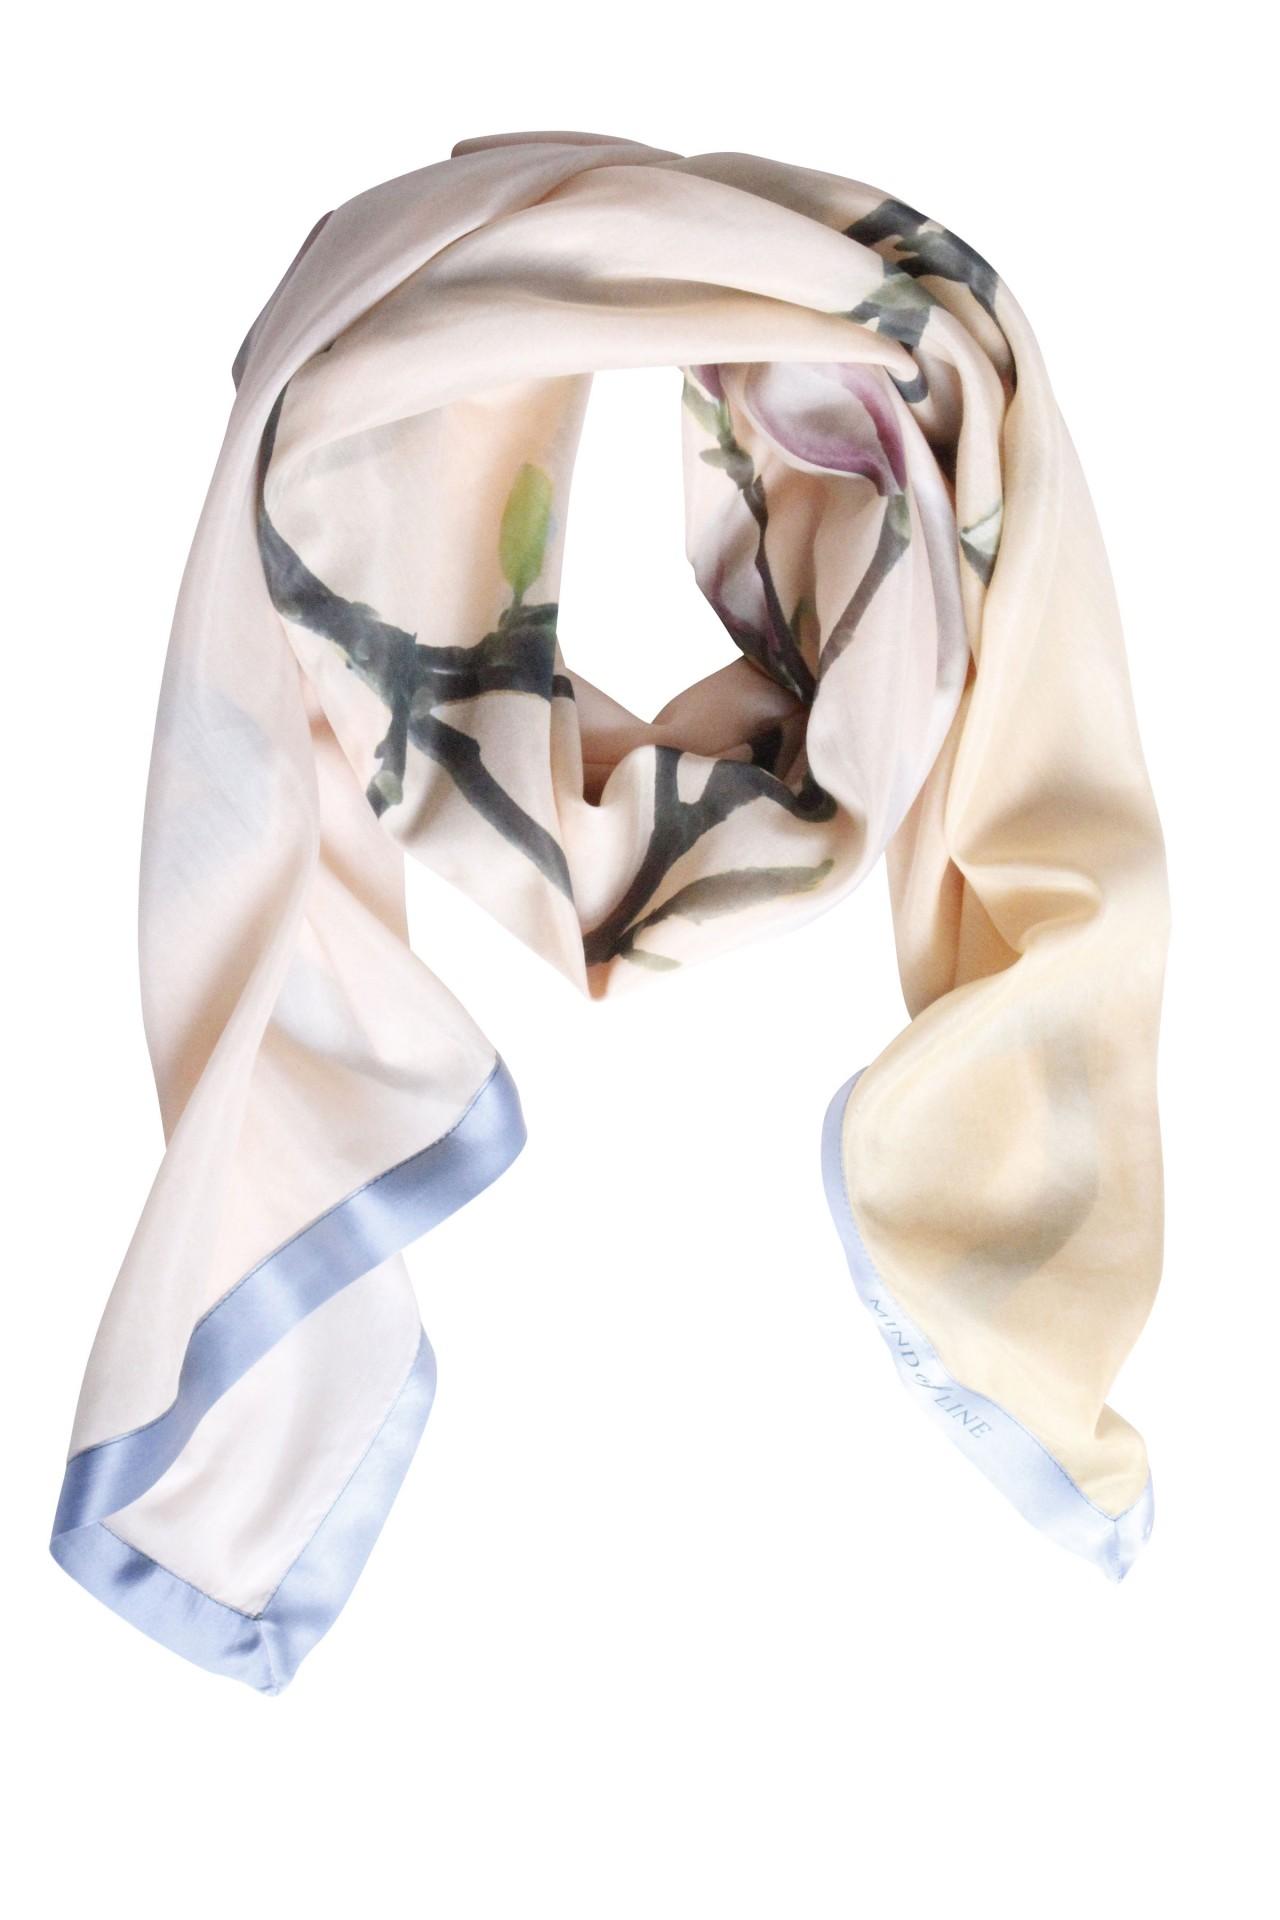 Magnoliablomst printet på tørklæde fra danske Mind of Line